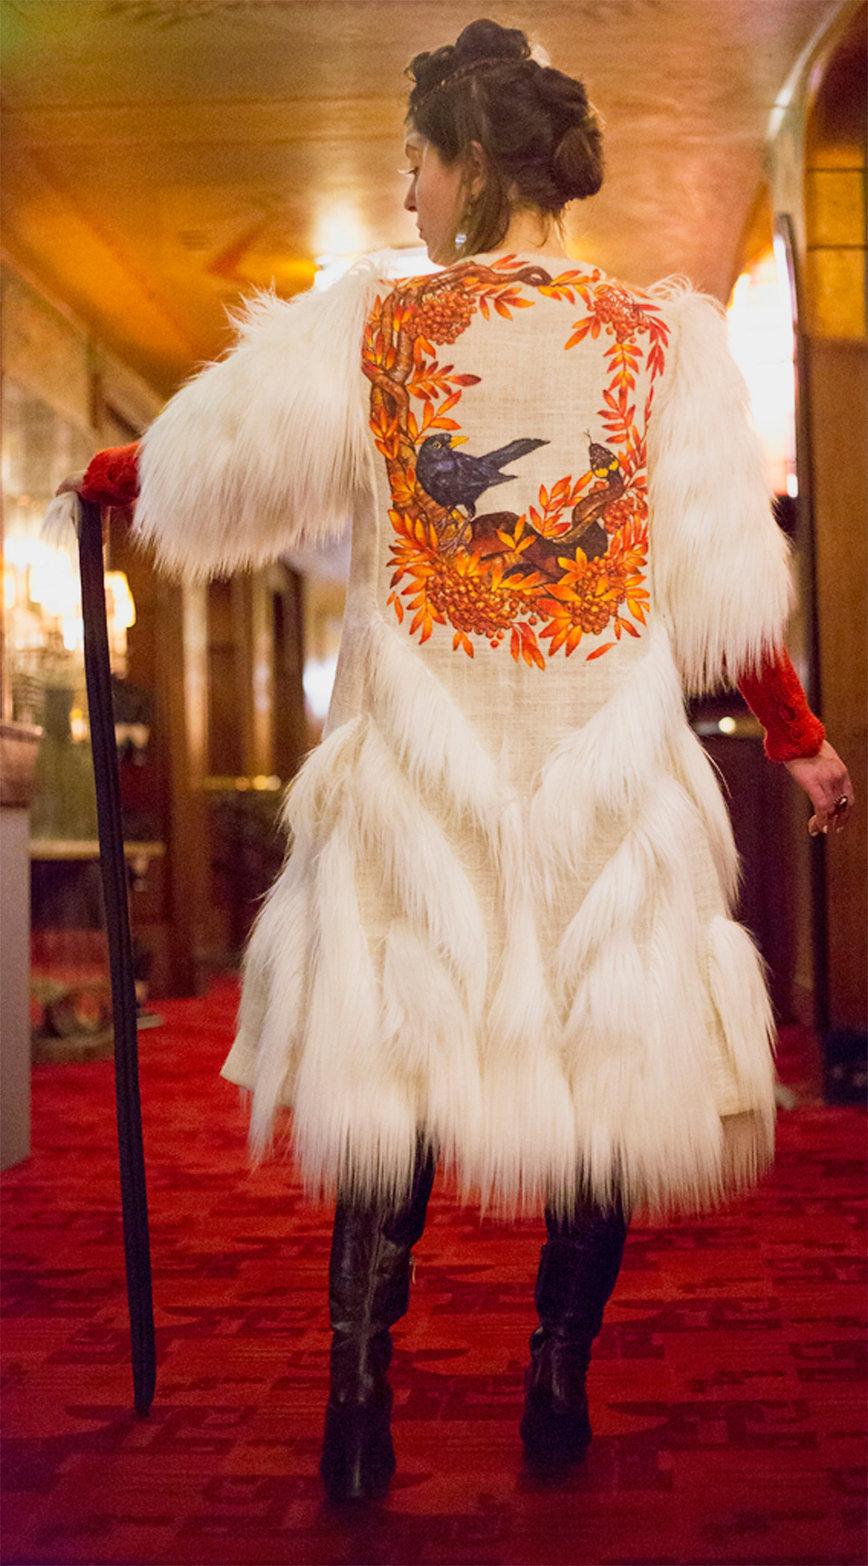 Hemp-DURGA-art-coat-white-foux-fur-triba